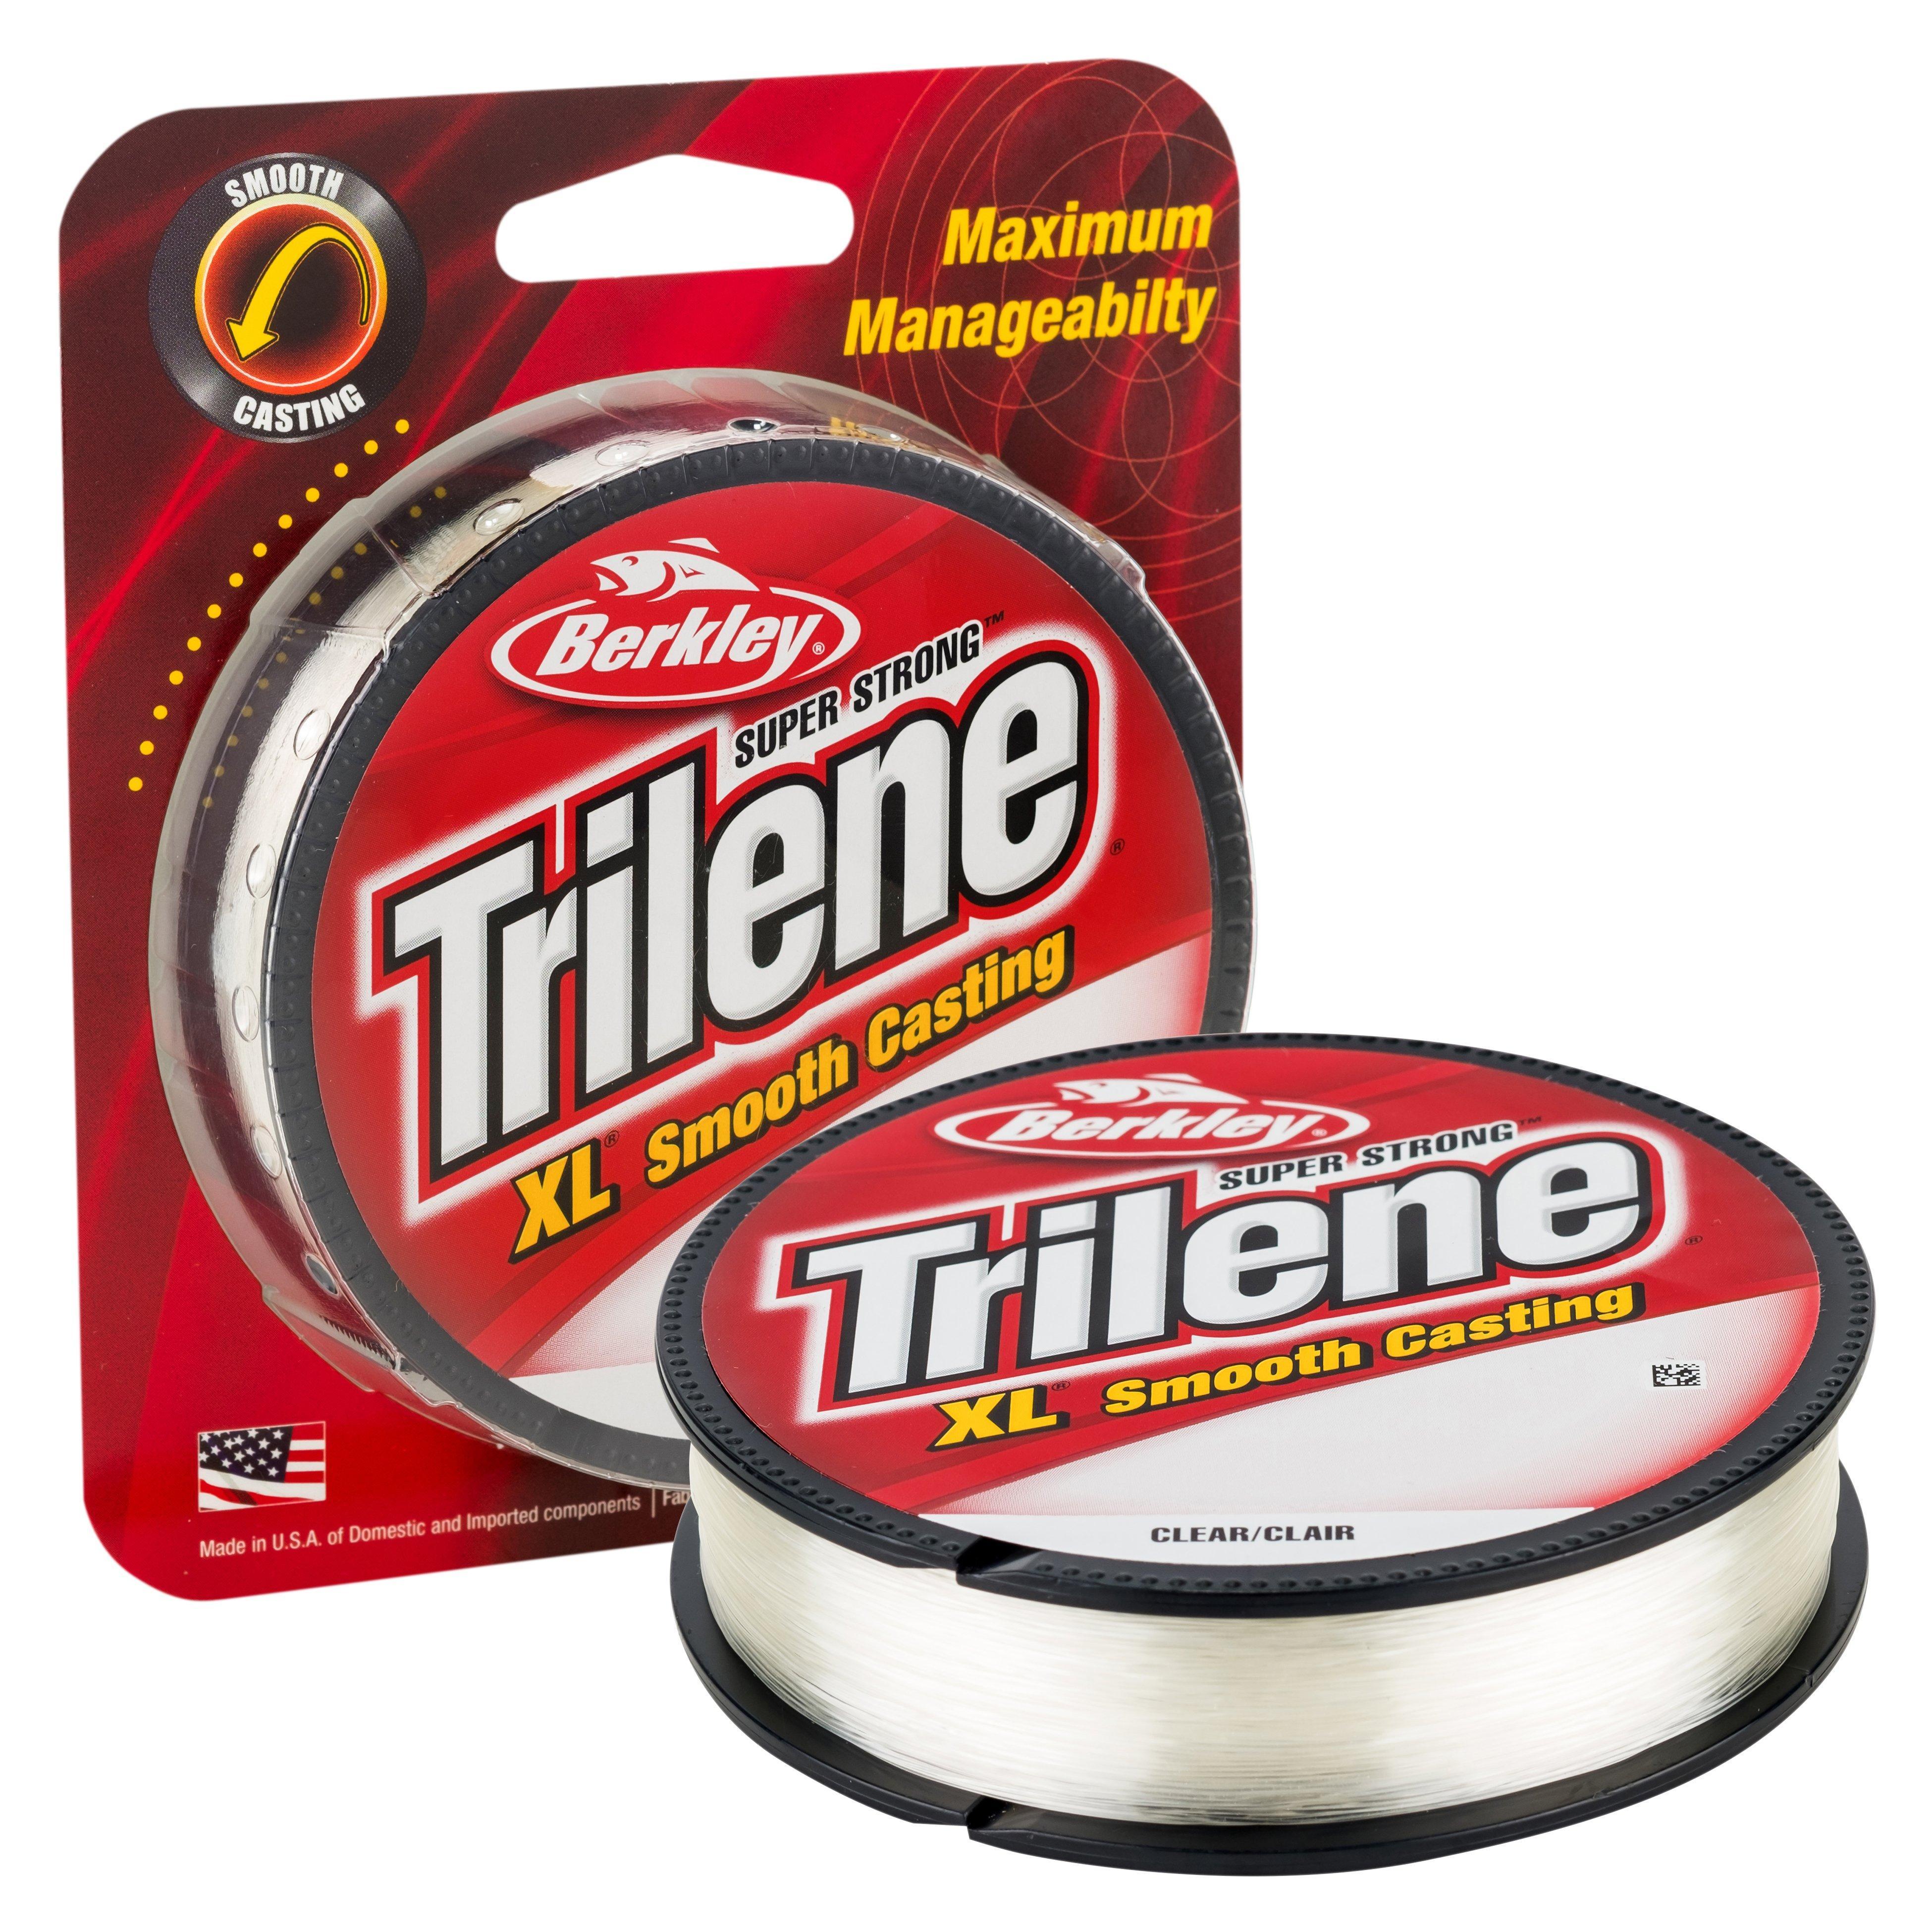 Berkley Trilene XL Smooth Casting 10 LB 110 YD Clear